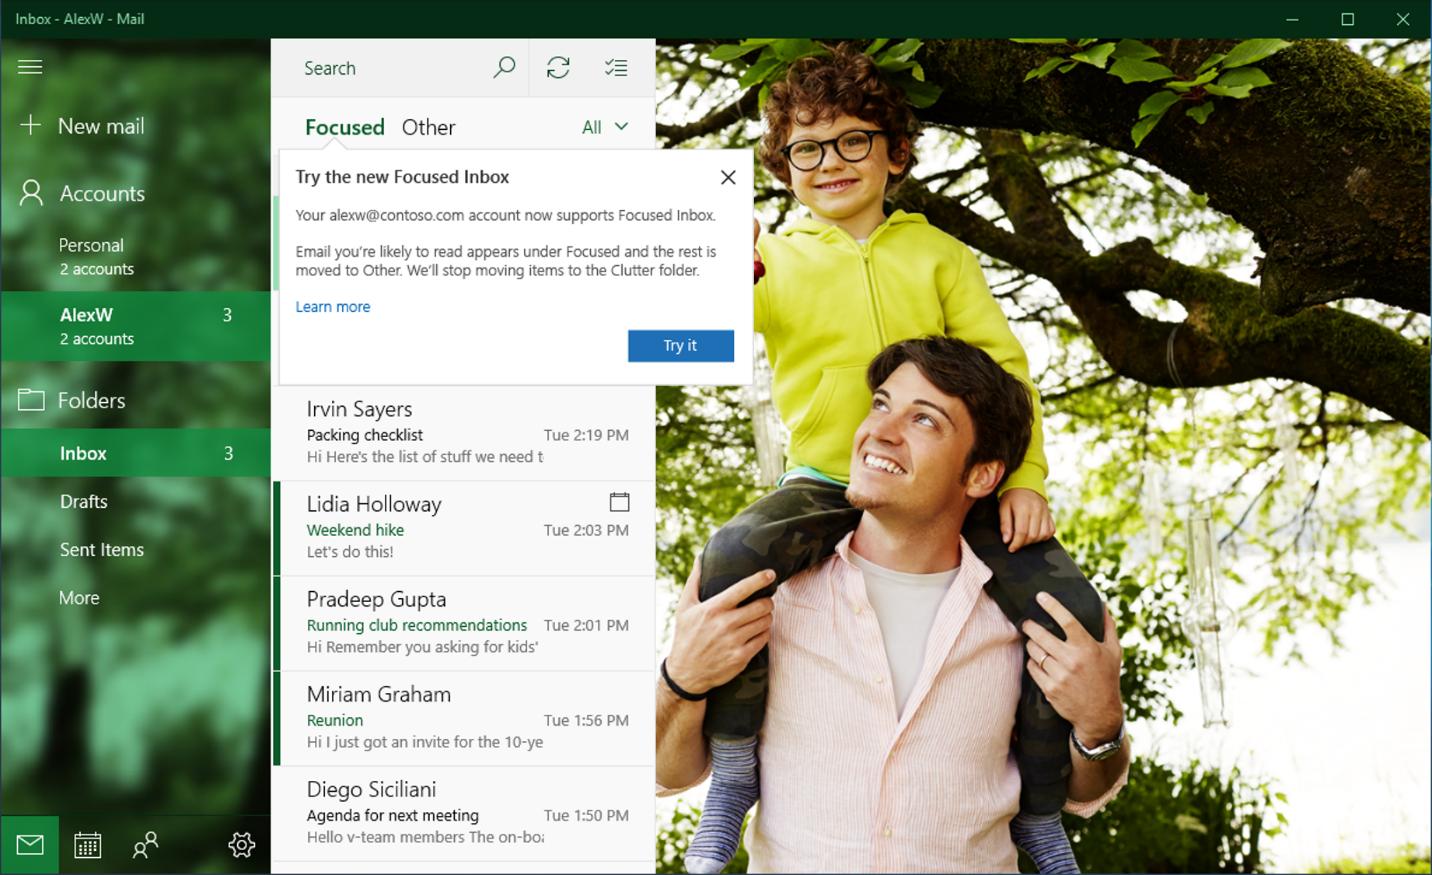 Focused Inbox in Outlook.com